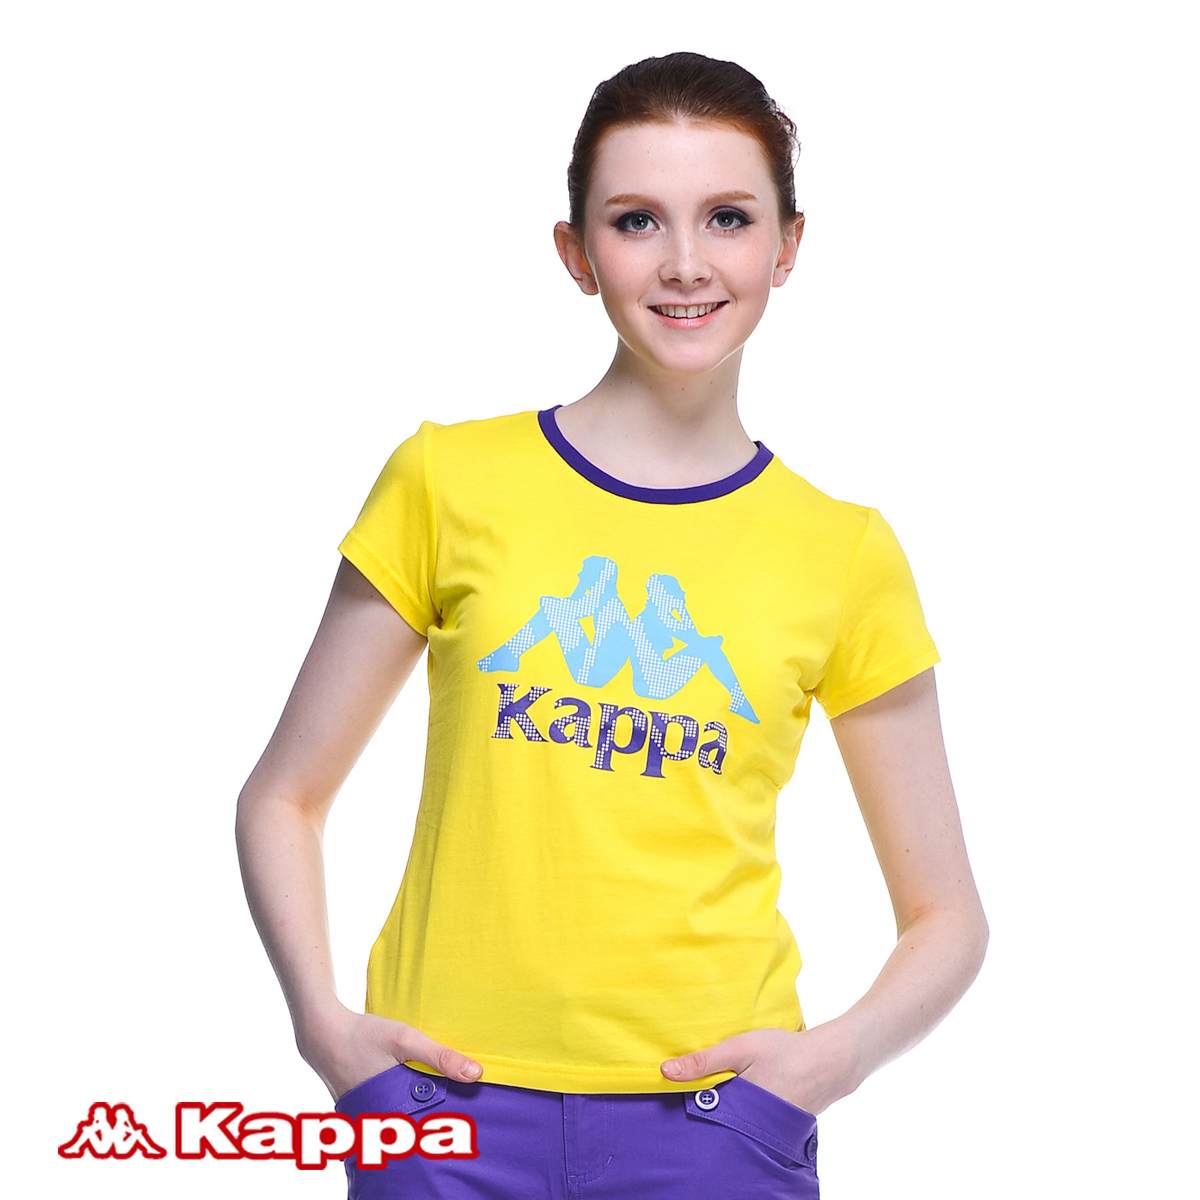 Спортивная футболка KAPPA k2102td456/241. K2102TD456-241 Стандартный О-вырез Короткие рукава ( ≧35cm ) 100 хлопок Для спорта и отдыха Влагопоглощающие, Воздухопроницаемые % Логотип бренда